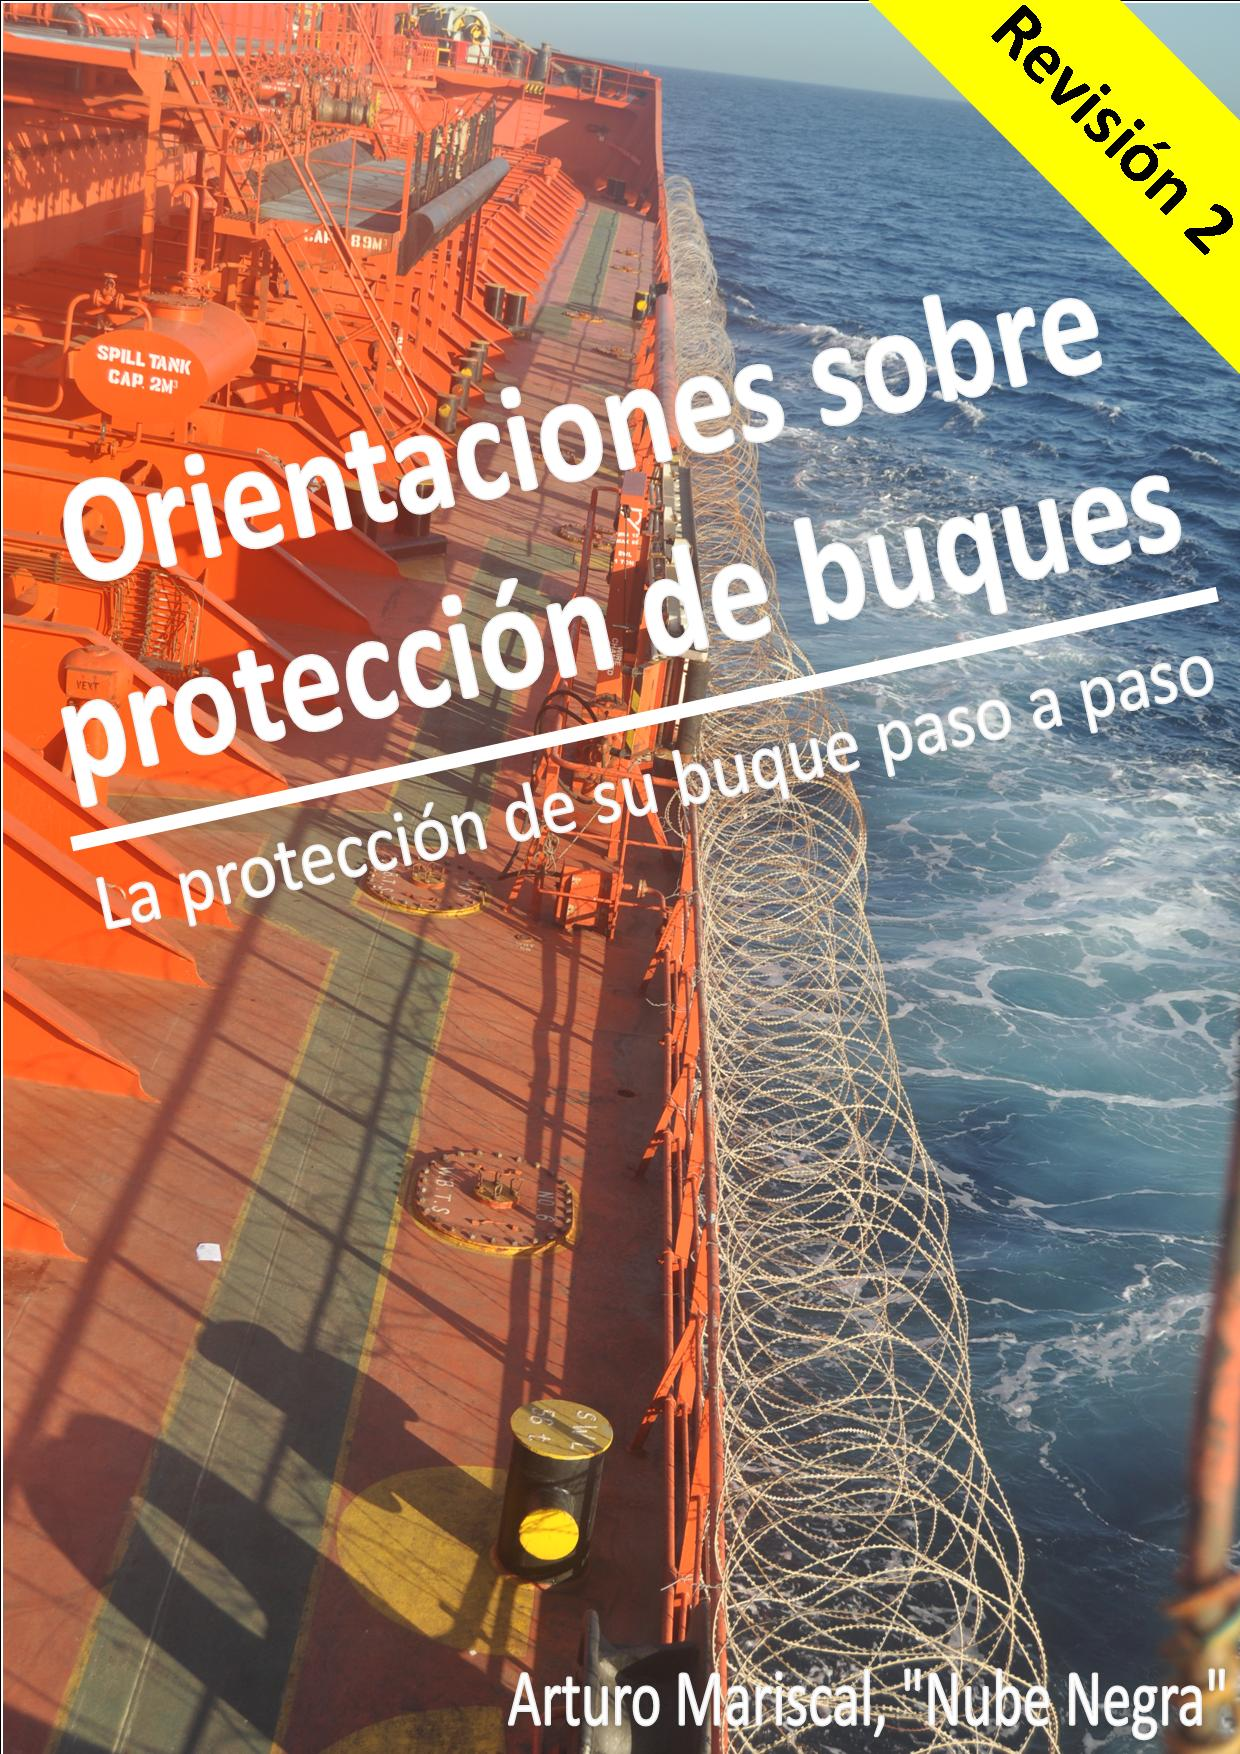 Portada del libro publicado por Arturo: Orientaciones sobre protección de buques.